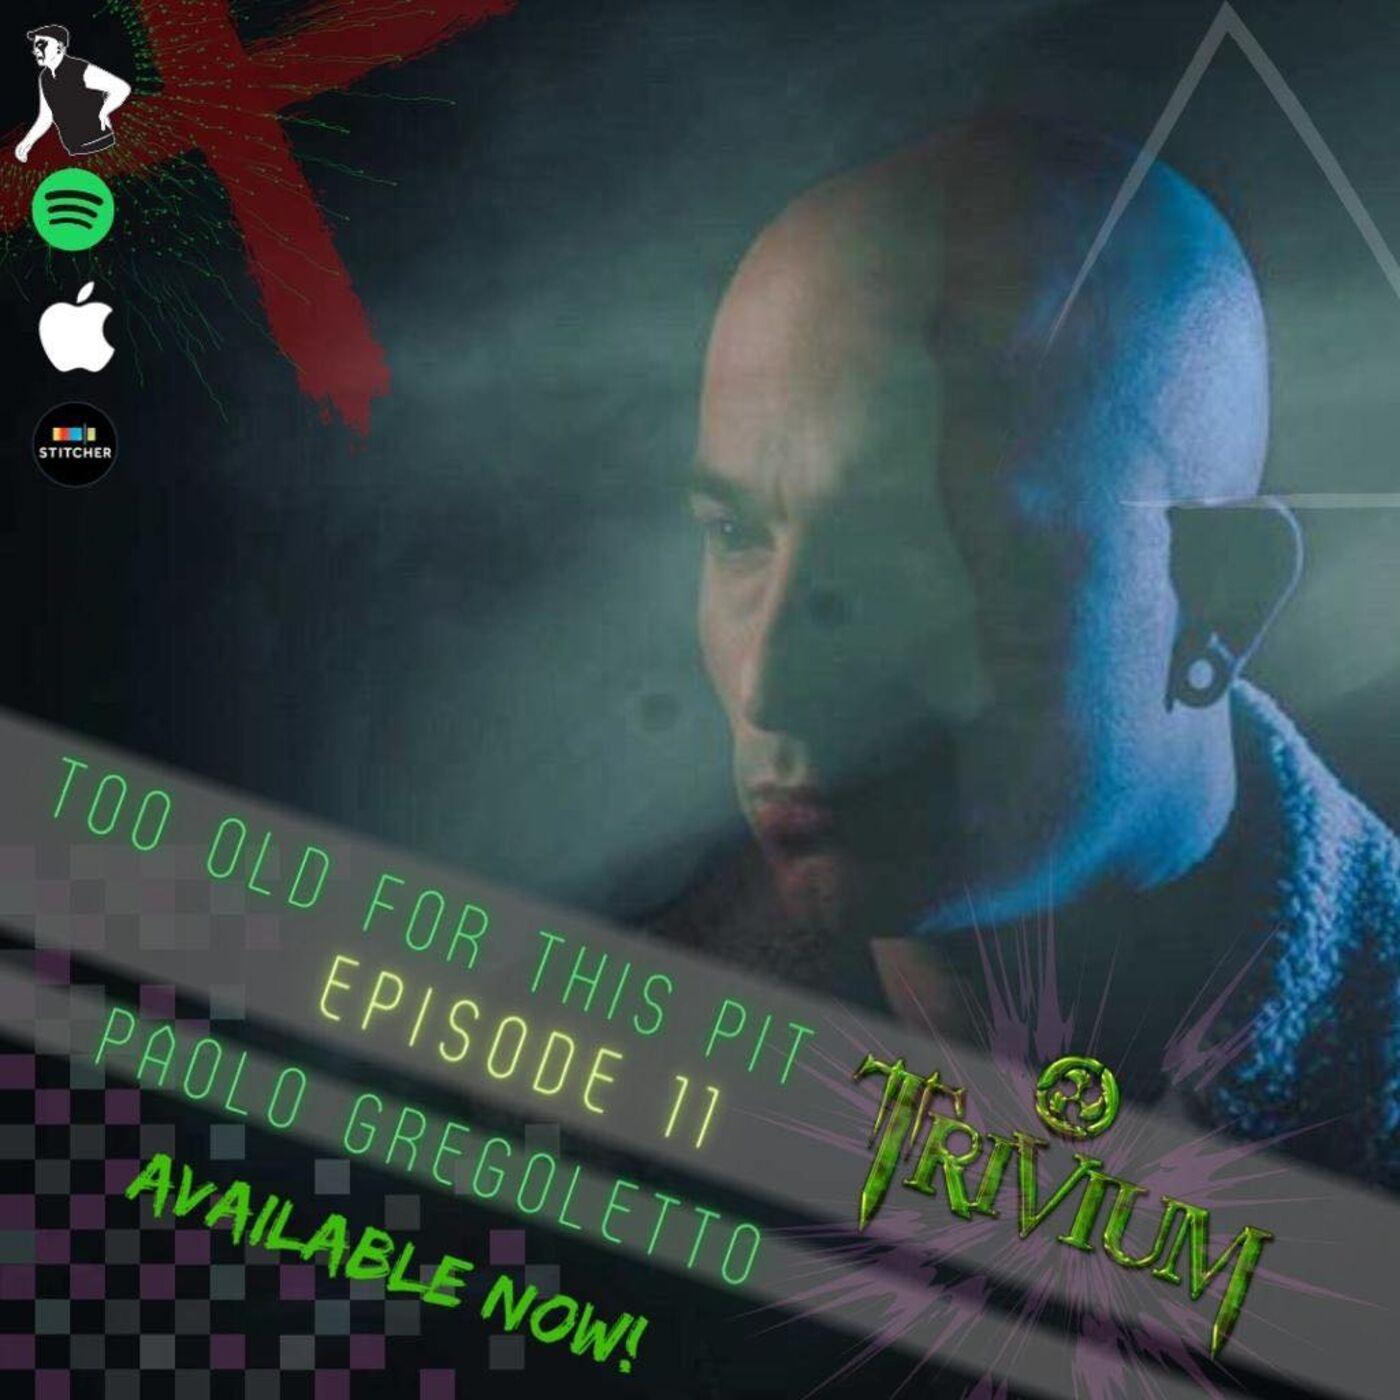 Episode 11 - Paolo Gregoletto (Trivium)